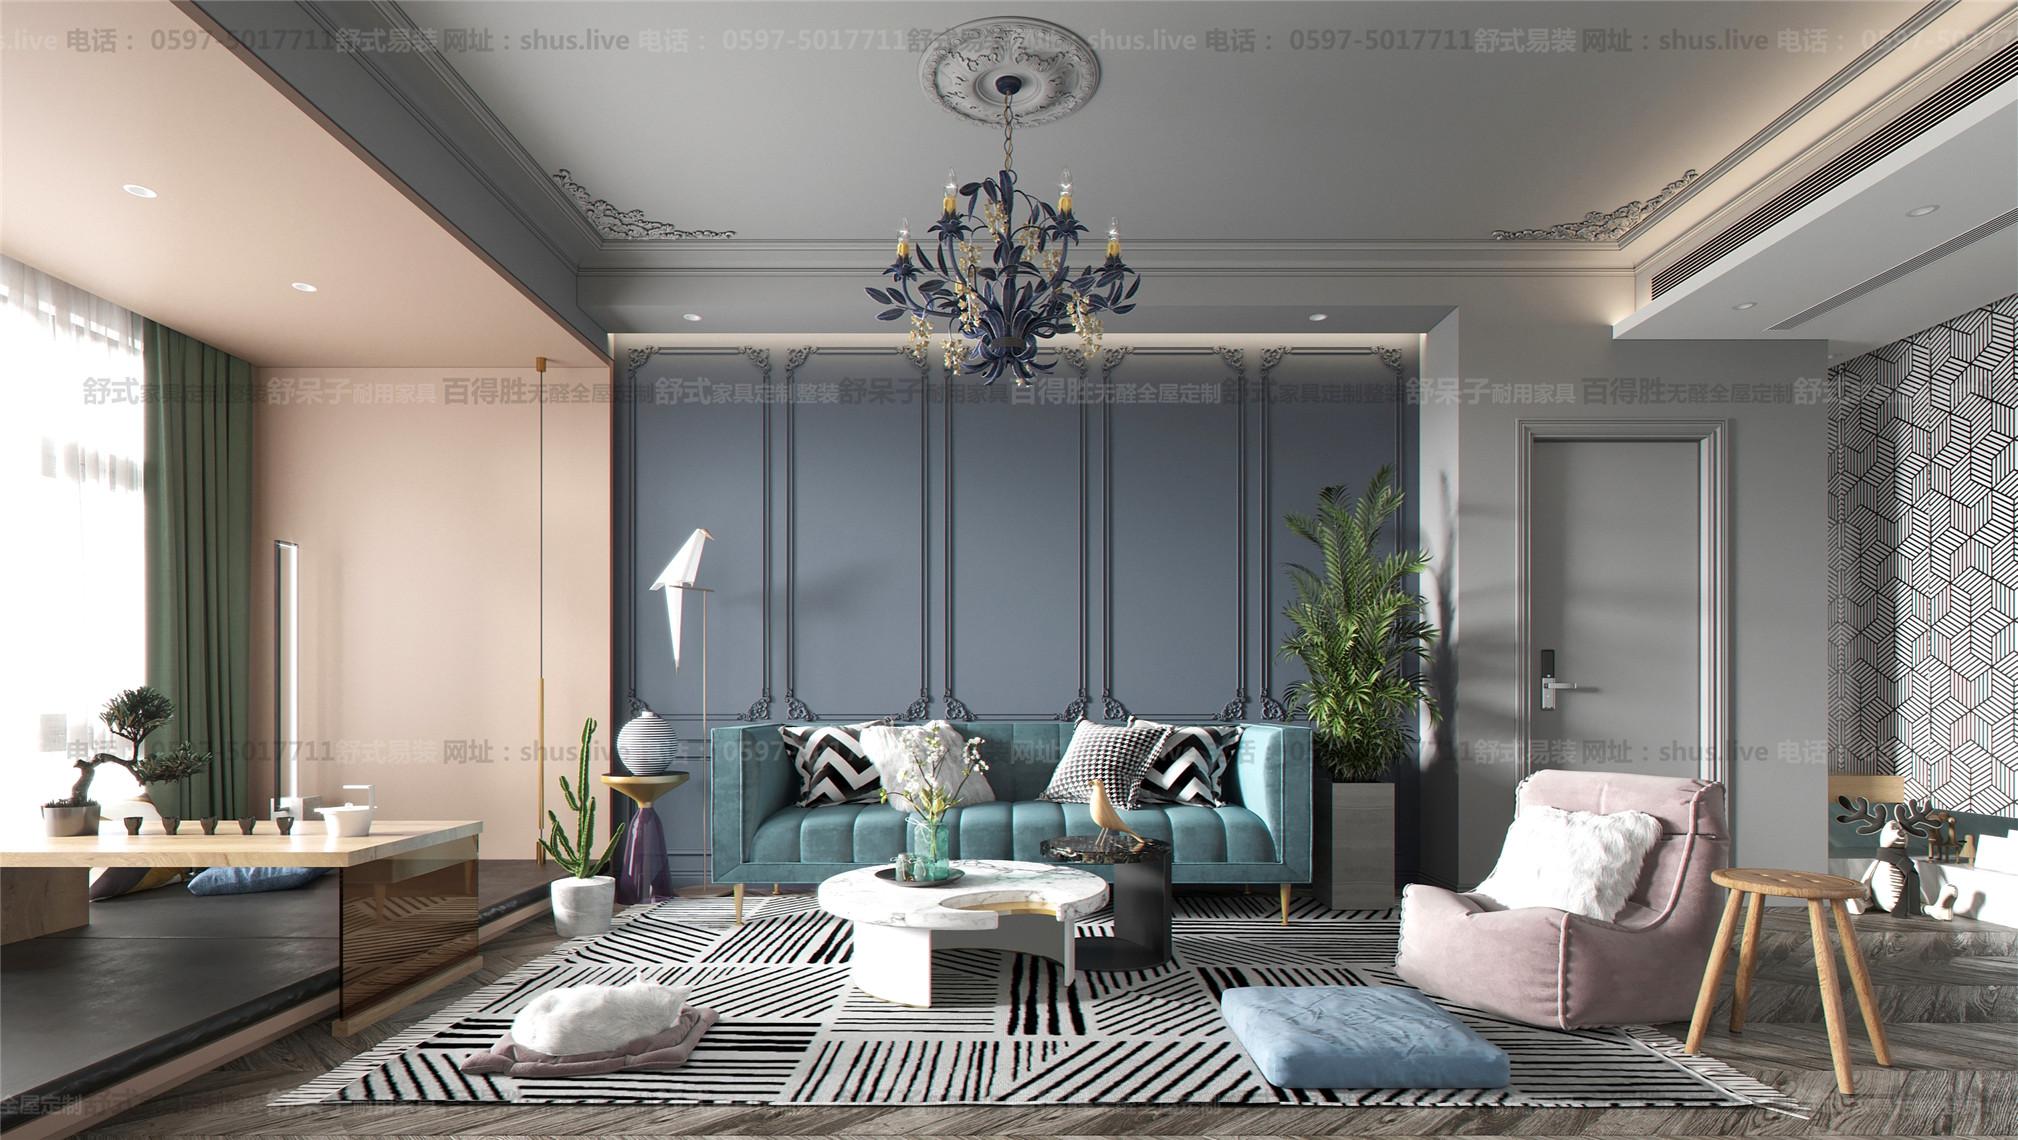 法式混搭-全屋整装-舒式易装-法式风格月现代风格的结合